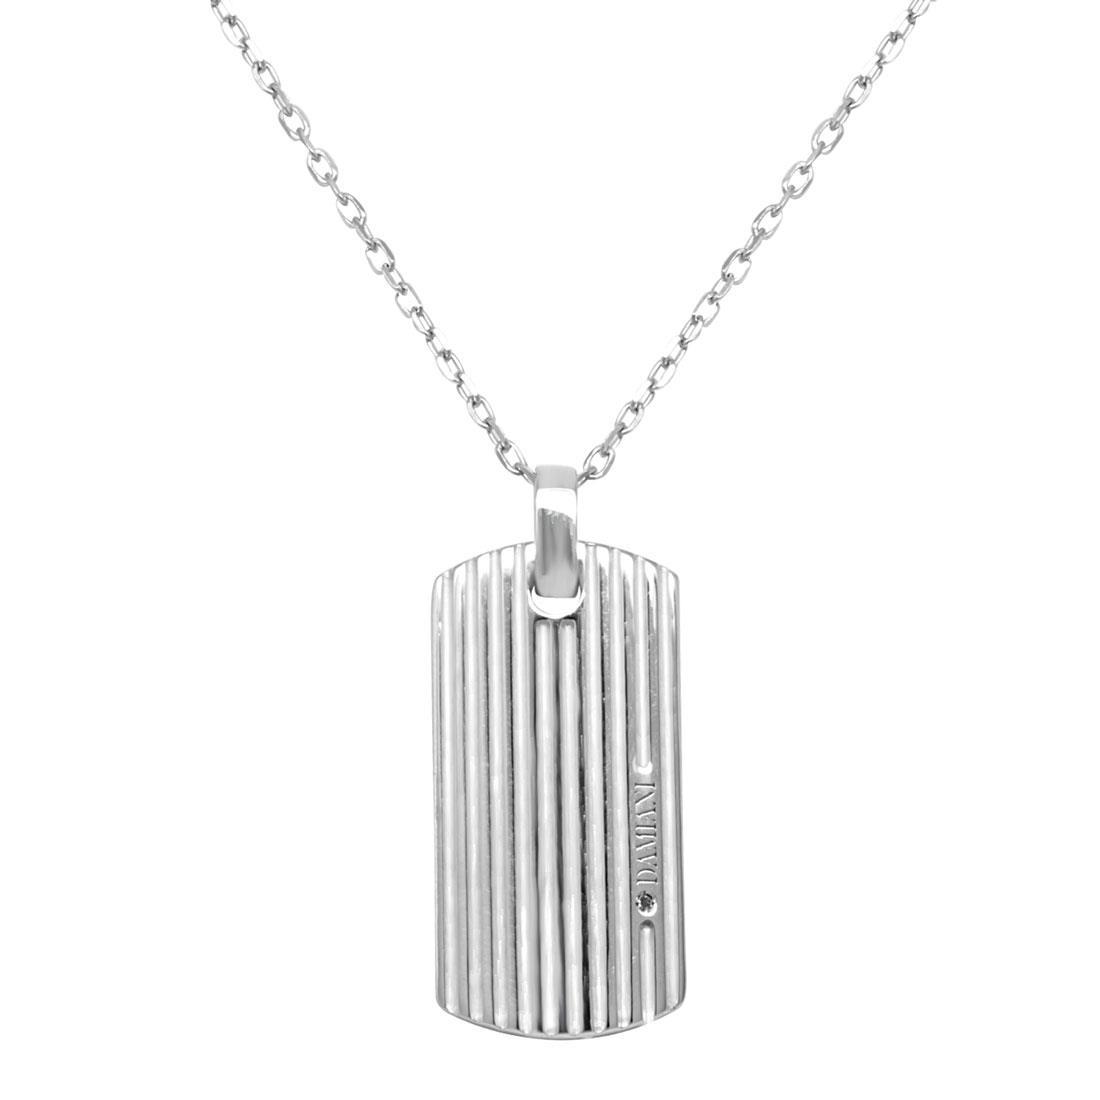 Collana Damiani in argento con diamante ct 0,008 - DAMIANI